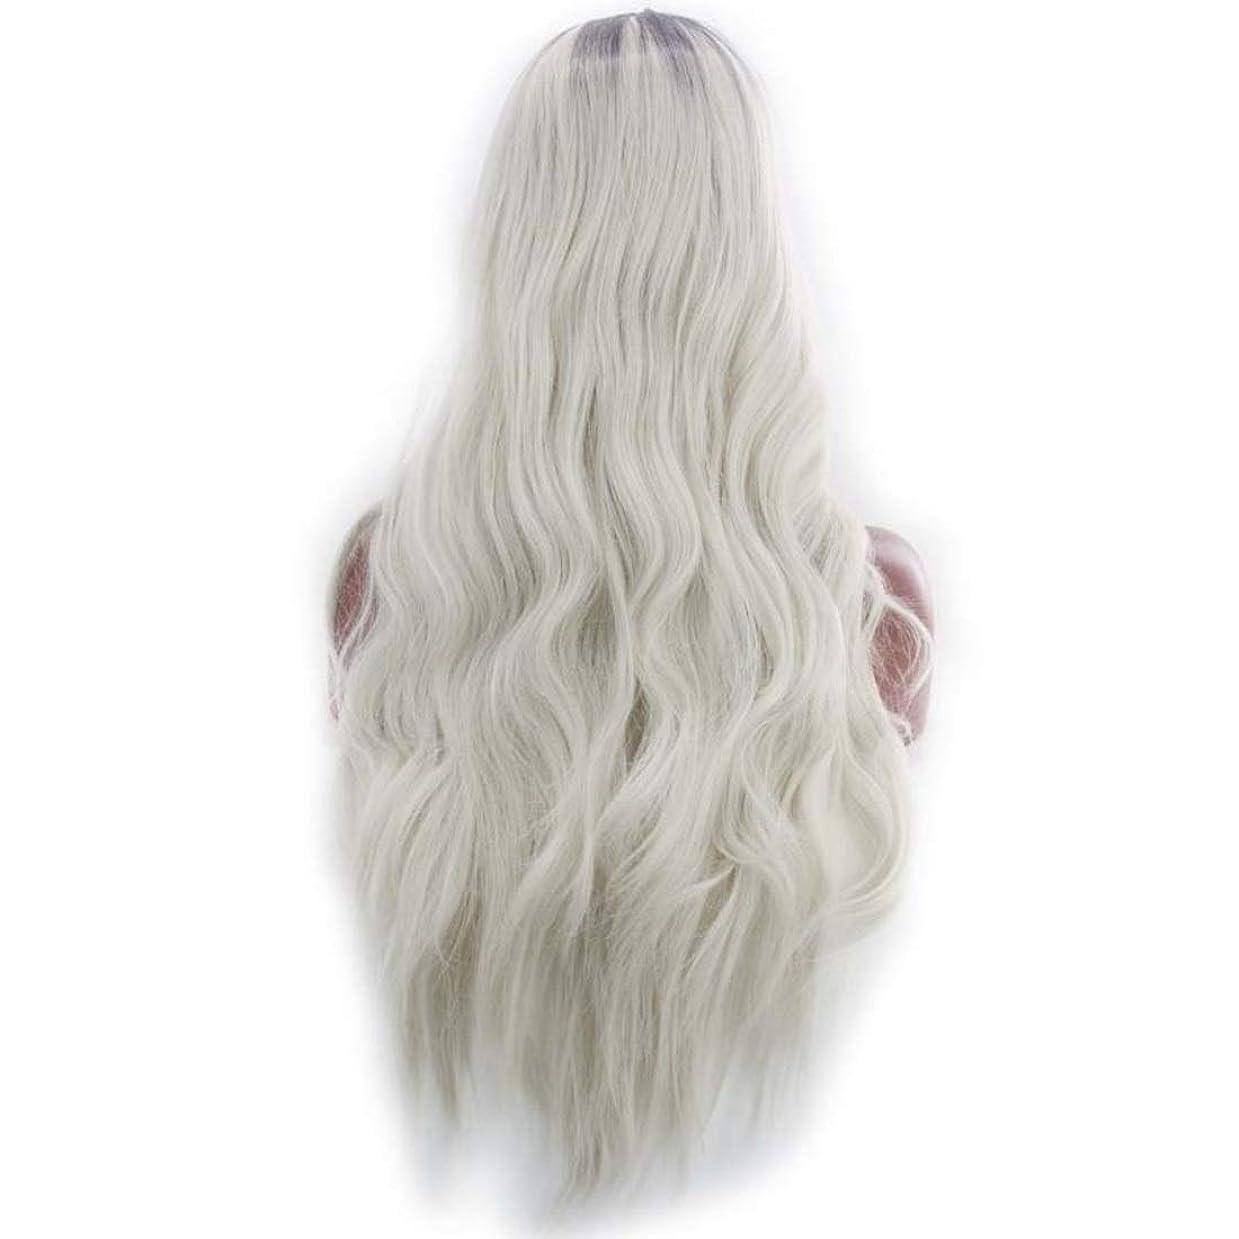 暴露医療過誤推論Koloeplf 女性のためのふわふわの現実的なかつら複数の色で大きな波状の長いかつらかつら耐熱性かつら長さ65 cm